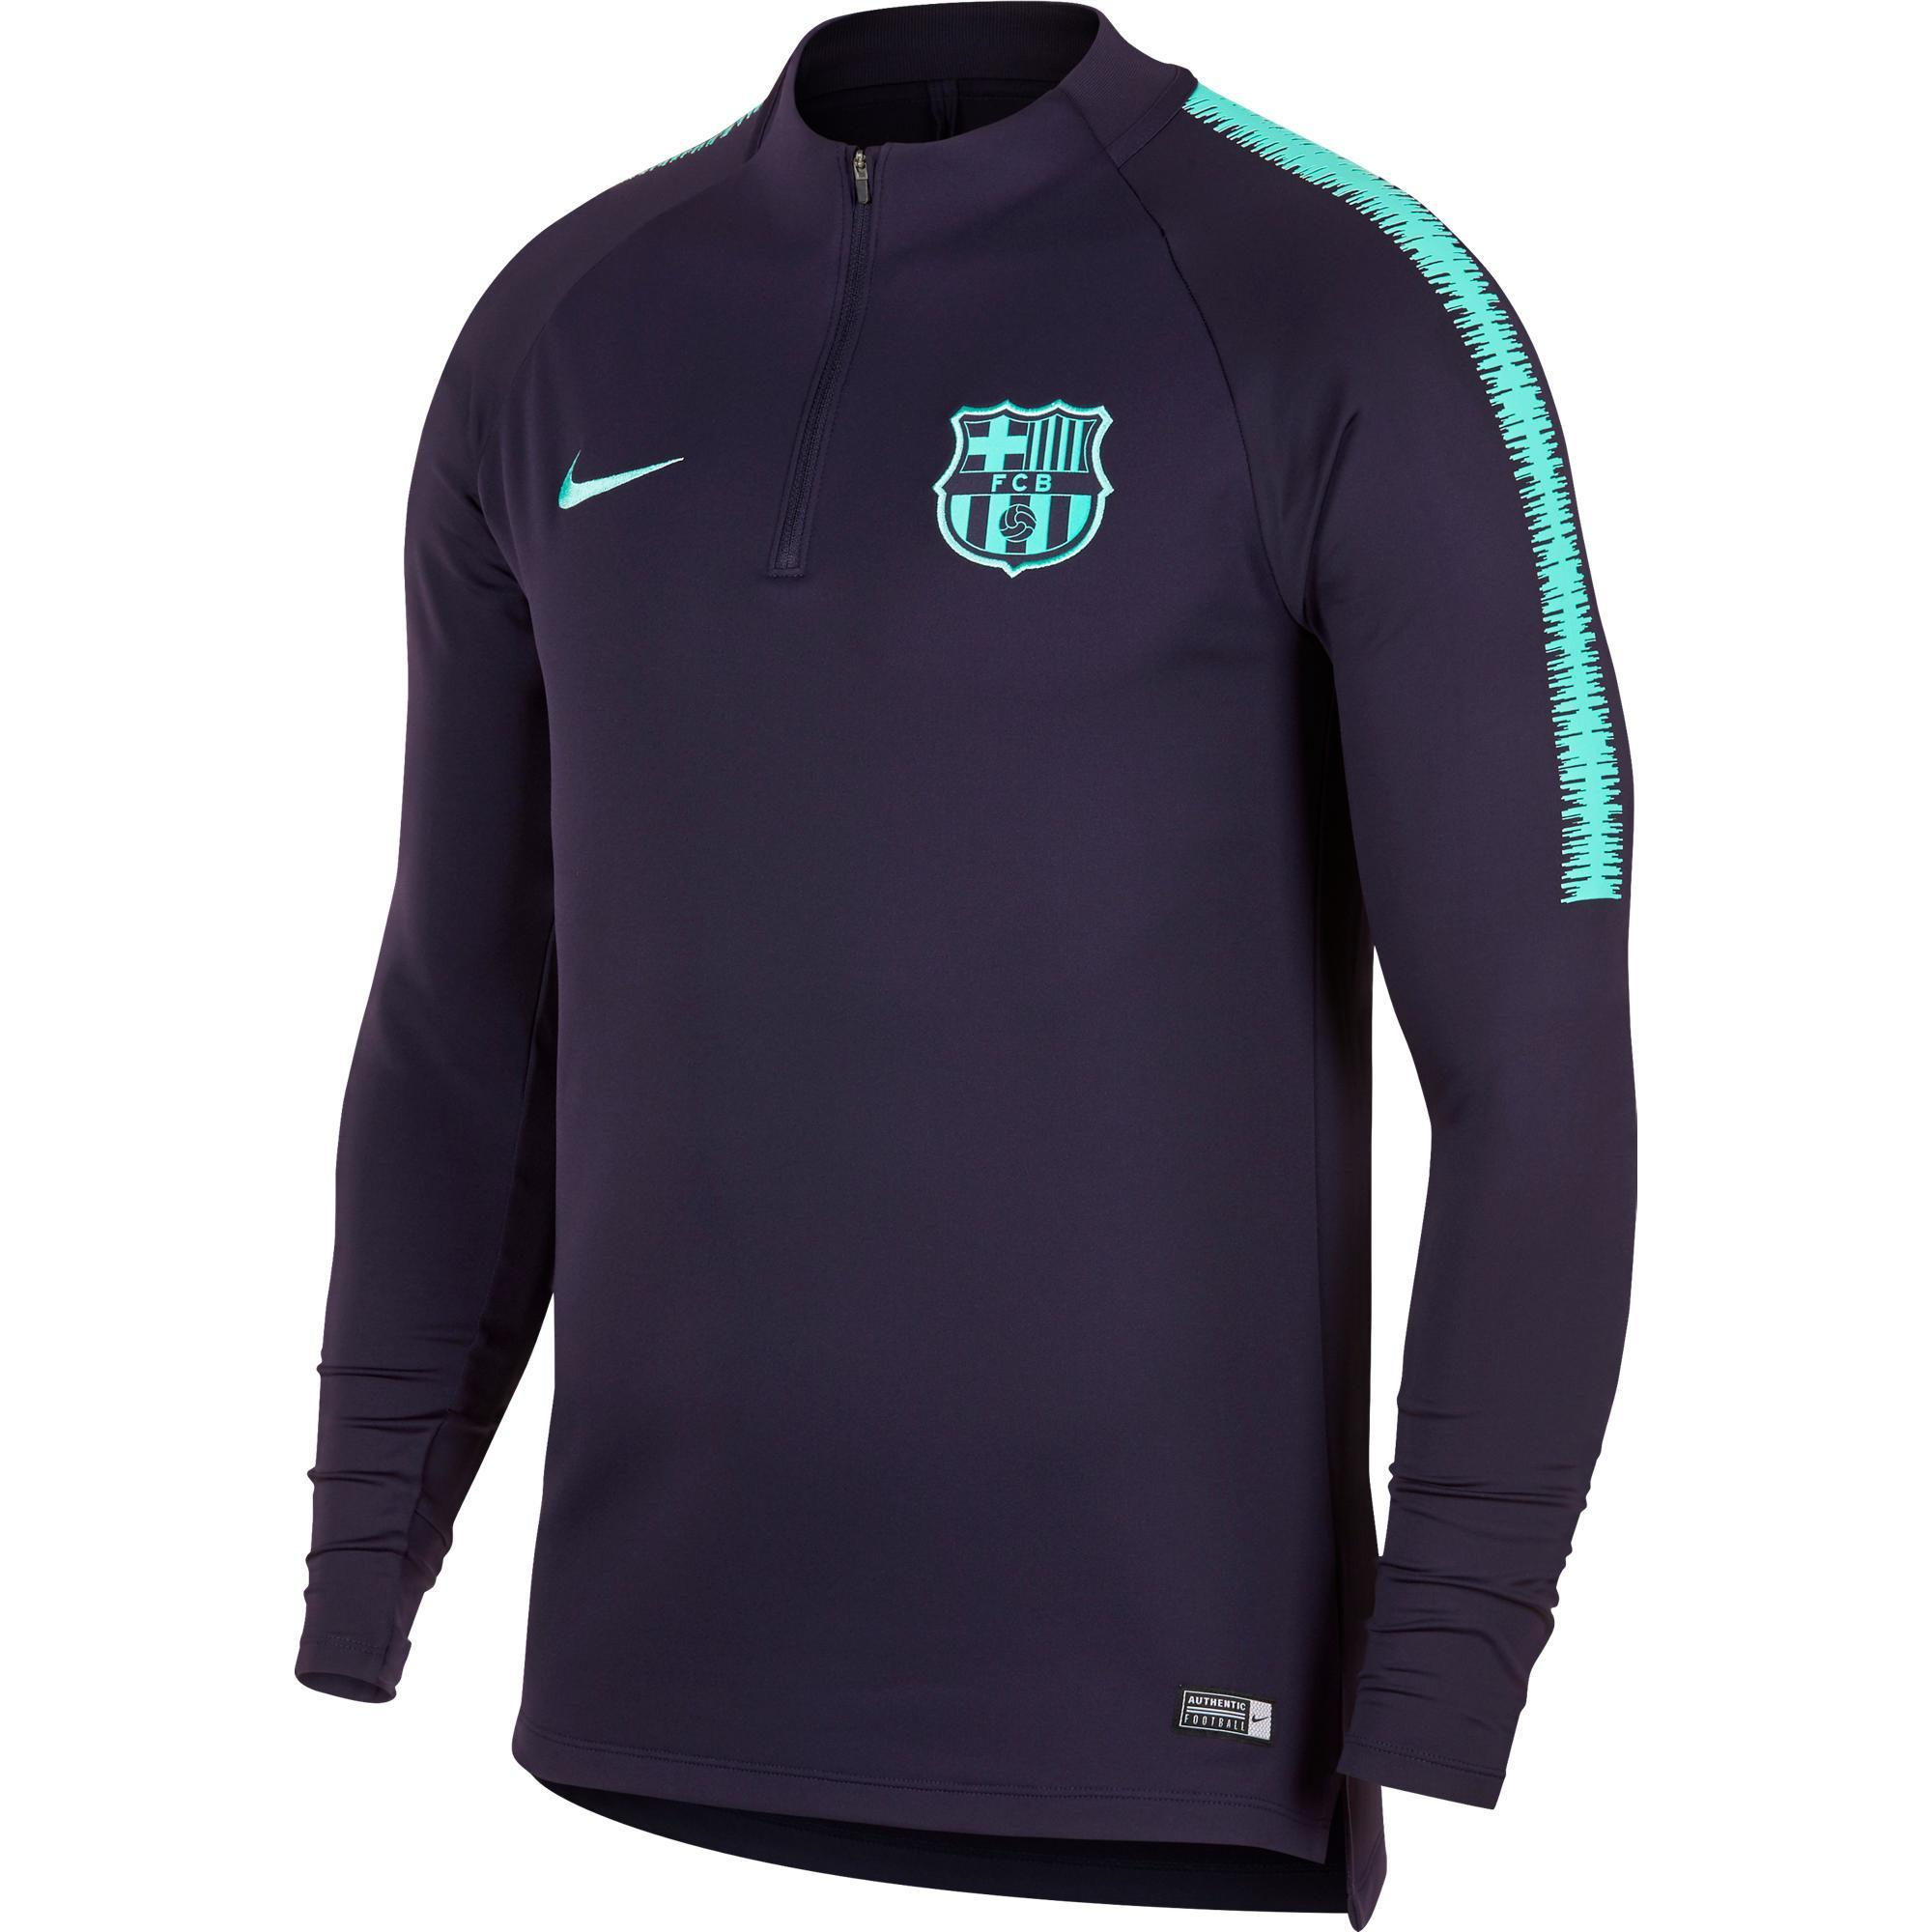 f488095222f40 Equipación y Camiseta Oficial F.C. Barcelona 18 19